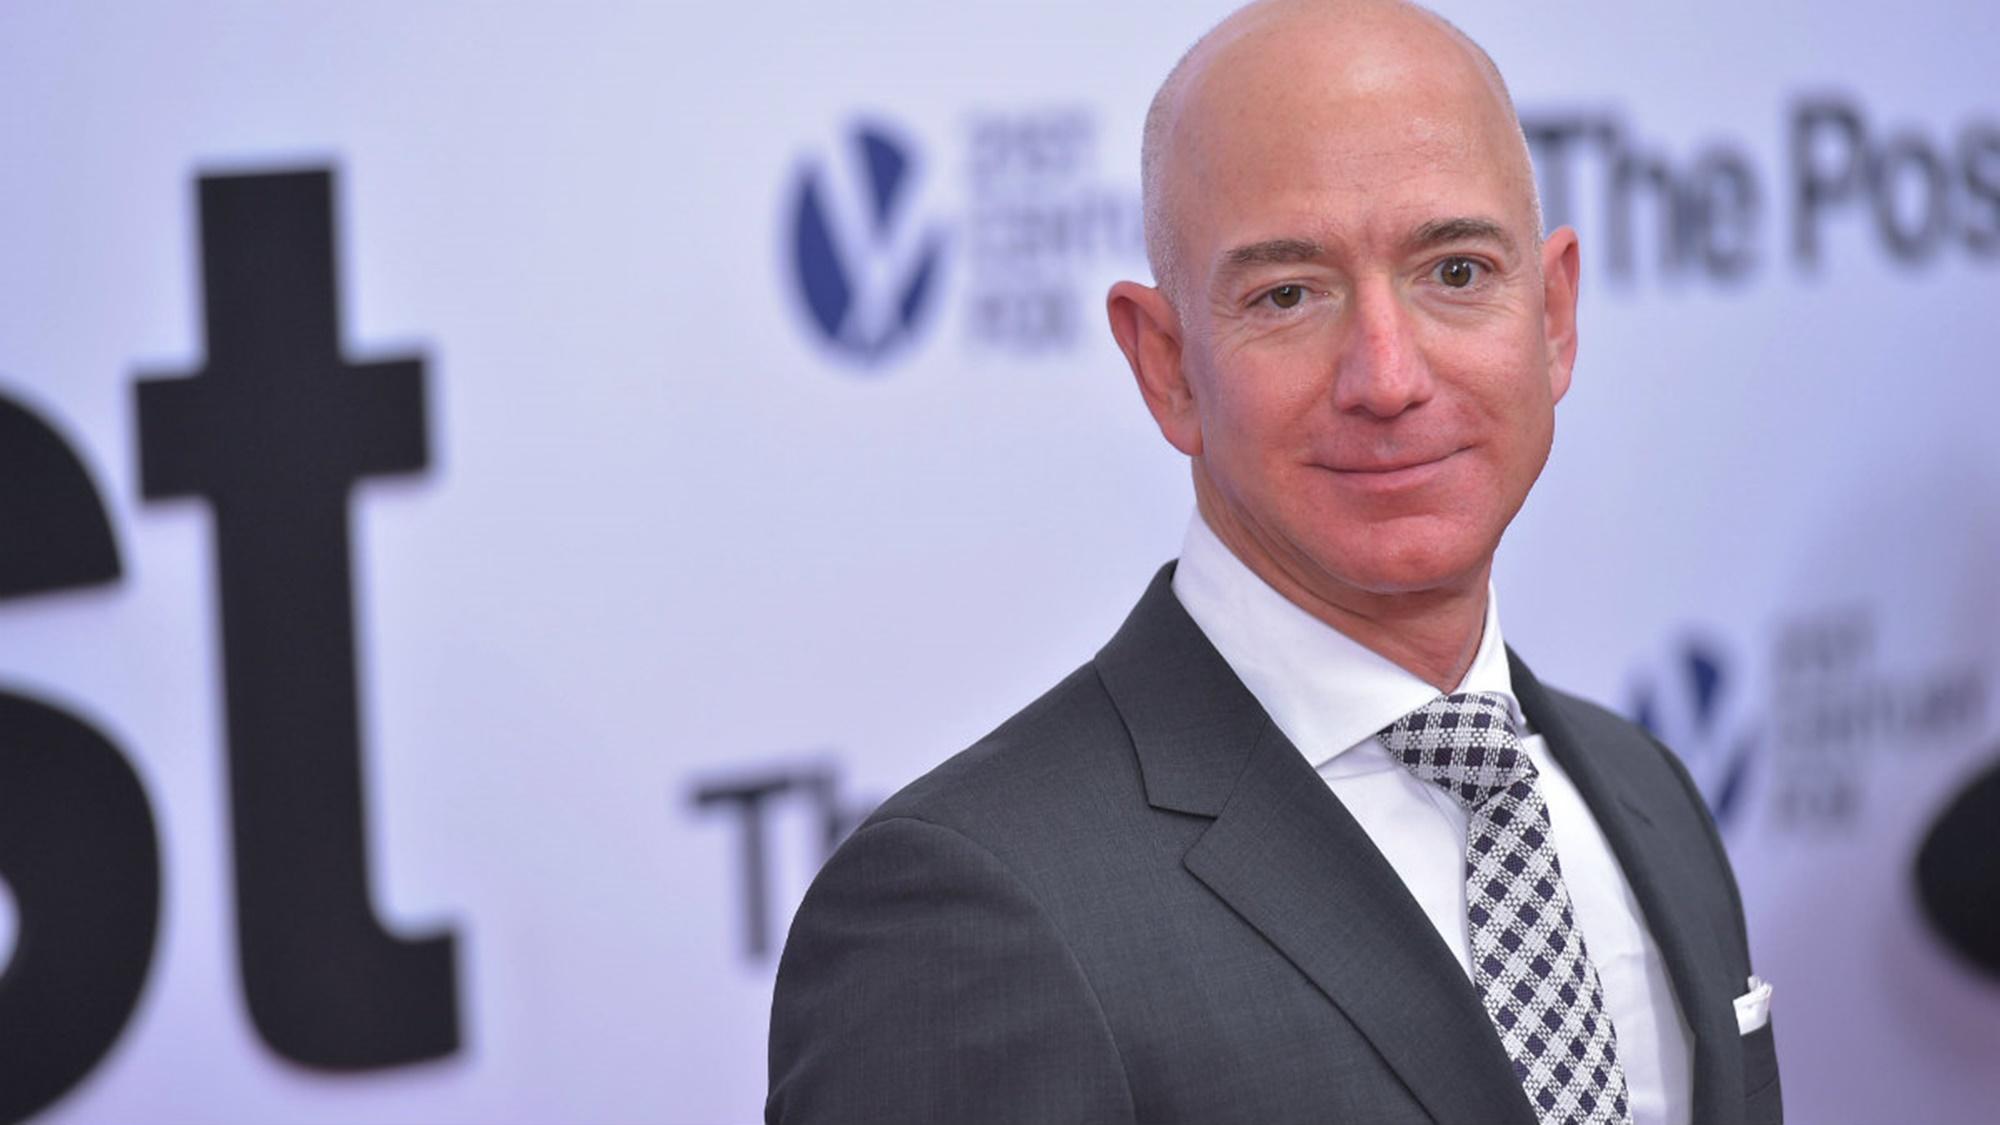 Jeff Bezos Lauren Sanchez Relationship